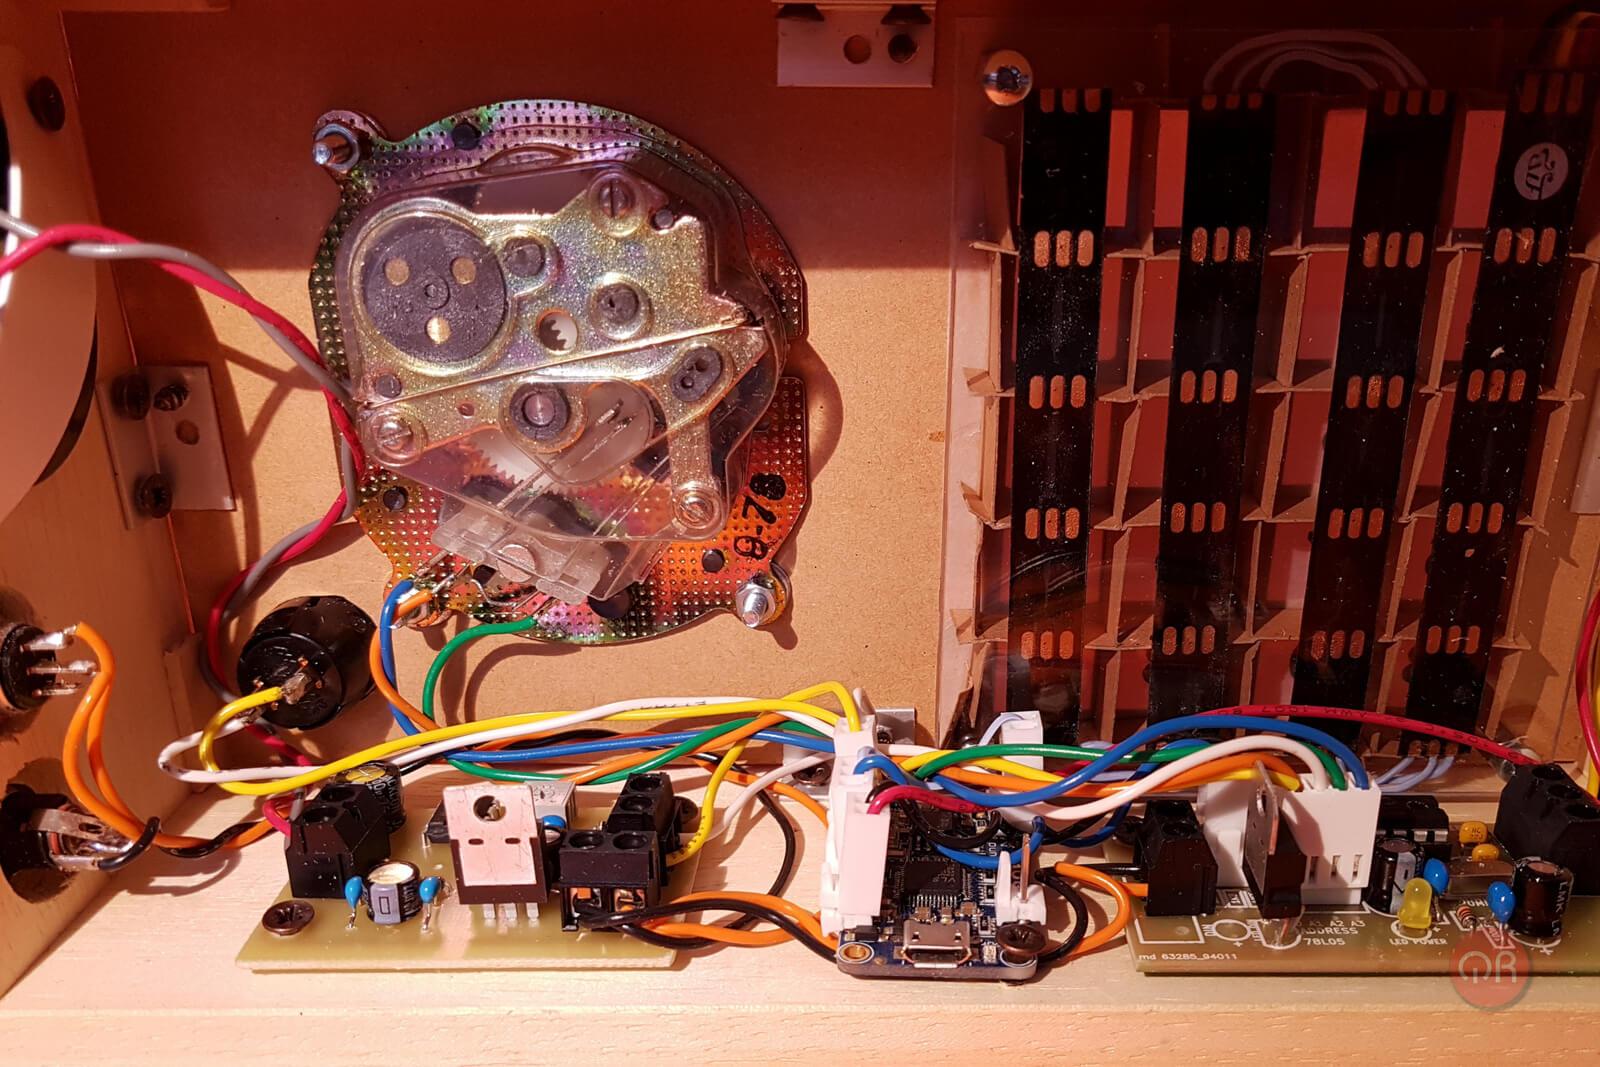 Otra foto del interno del timer con mayor detalle.